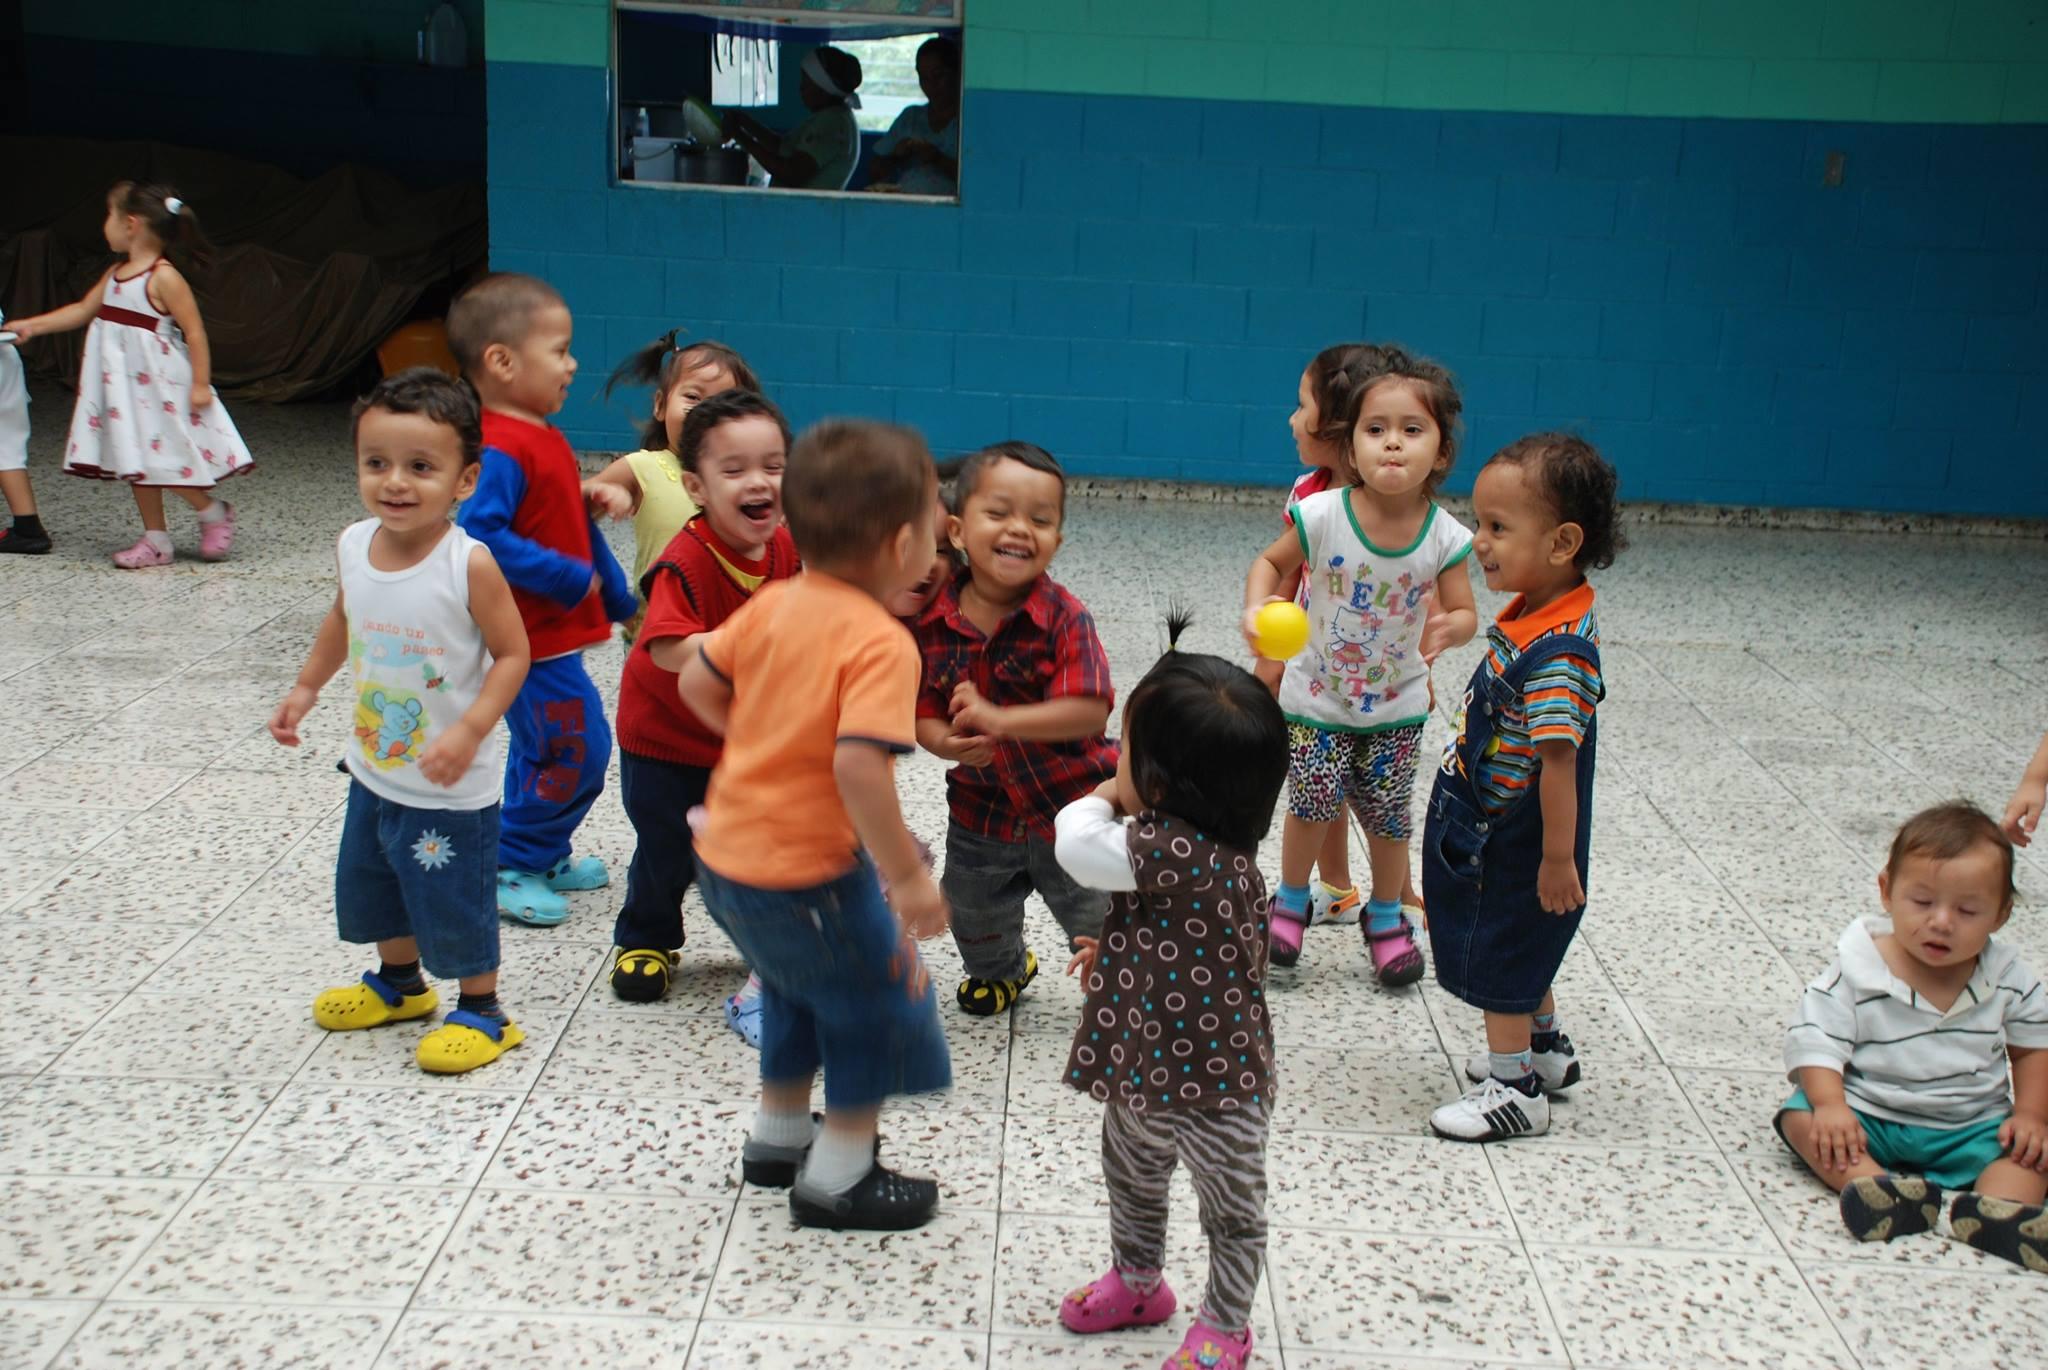 Fondation Hilda Rothschild – Programme « LAMP », El Salvador 2006 - La Fondation Hilda Rothschild (FHR) est une organisation non gouvernementale (ONG) sans but lucratif, établie au El Salvador et aux Etats-Unis d'Amérique. Cette Fondation a comme objectif de permettre aux femmes et aux enfants particulièrement défavorisés d'Amérique Centrale d'accéder à des programmes d'éducation, de santé, de nutrition et de développement personnel, en renforçant les liens familiaux et communautaires.